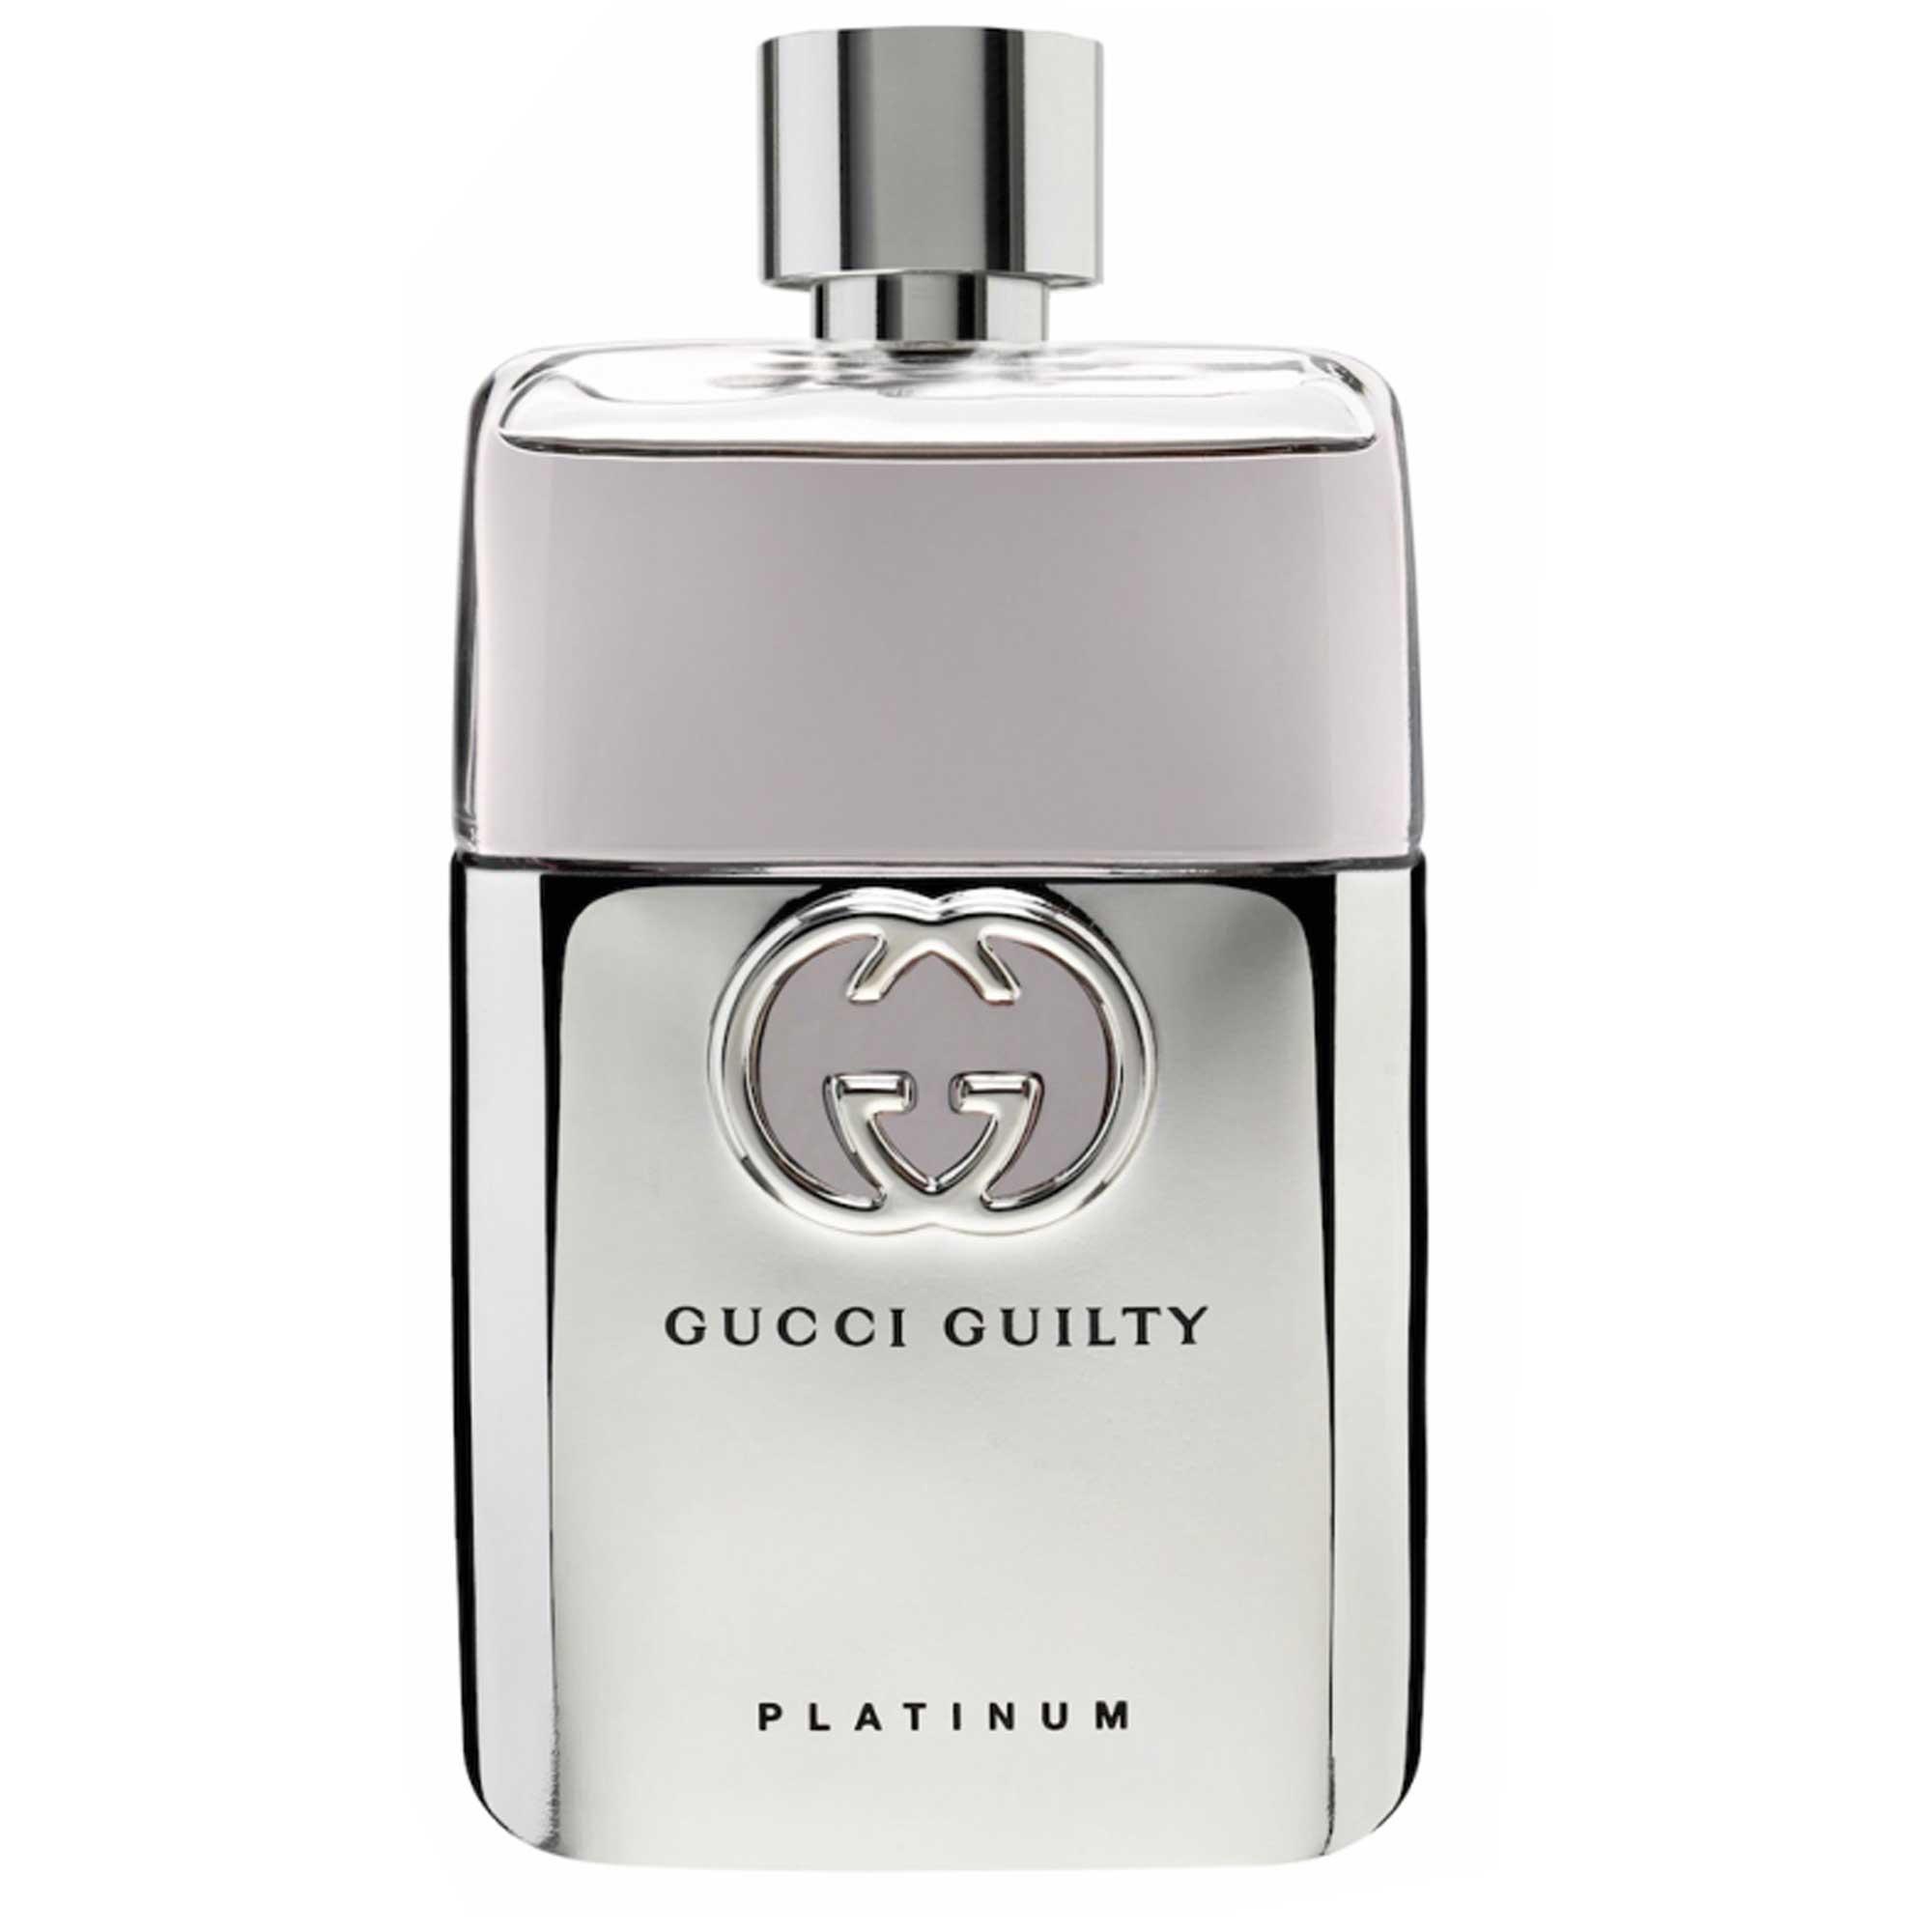 ادو تویلت مردانه گوچی مدل Guilty Platinum حجم 90 میلی لیتر